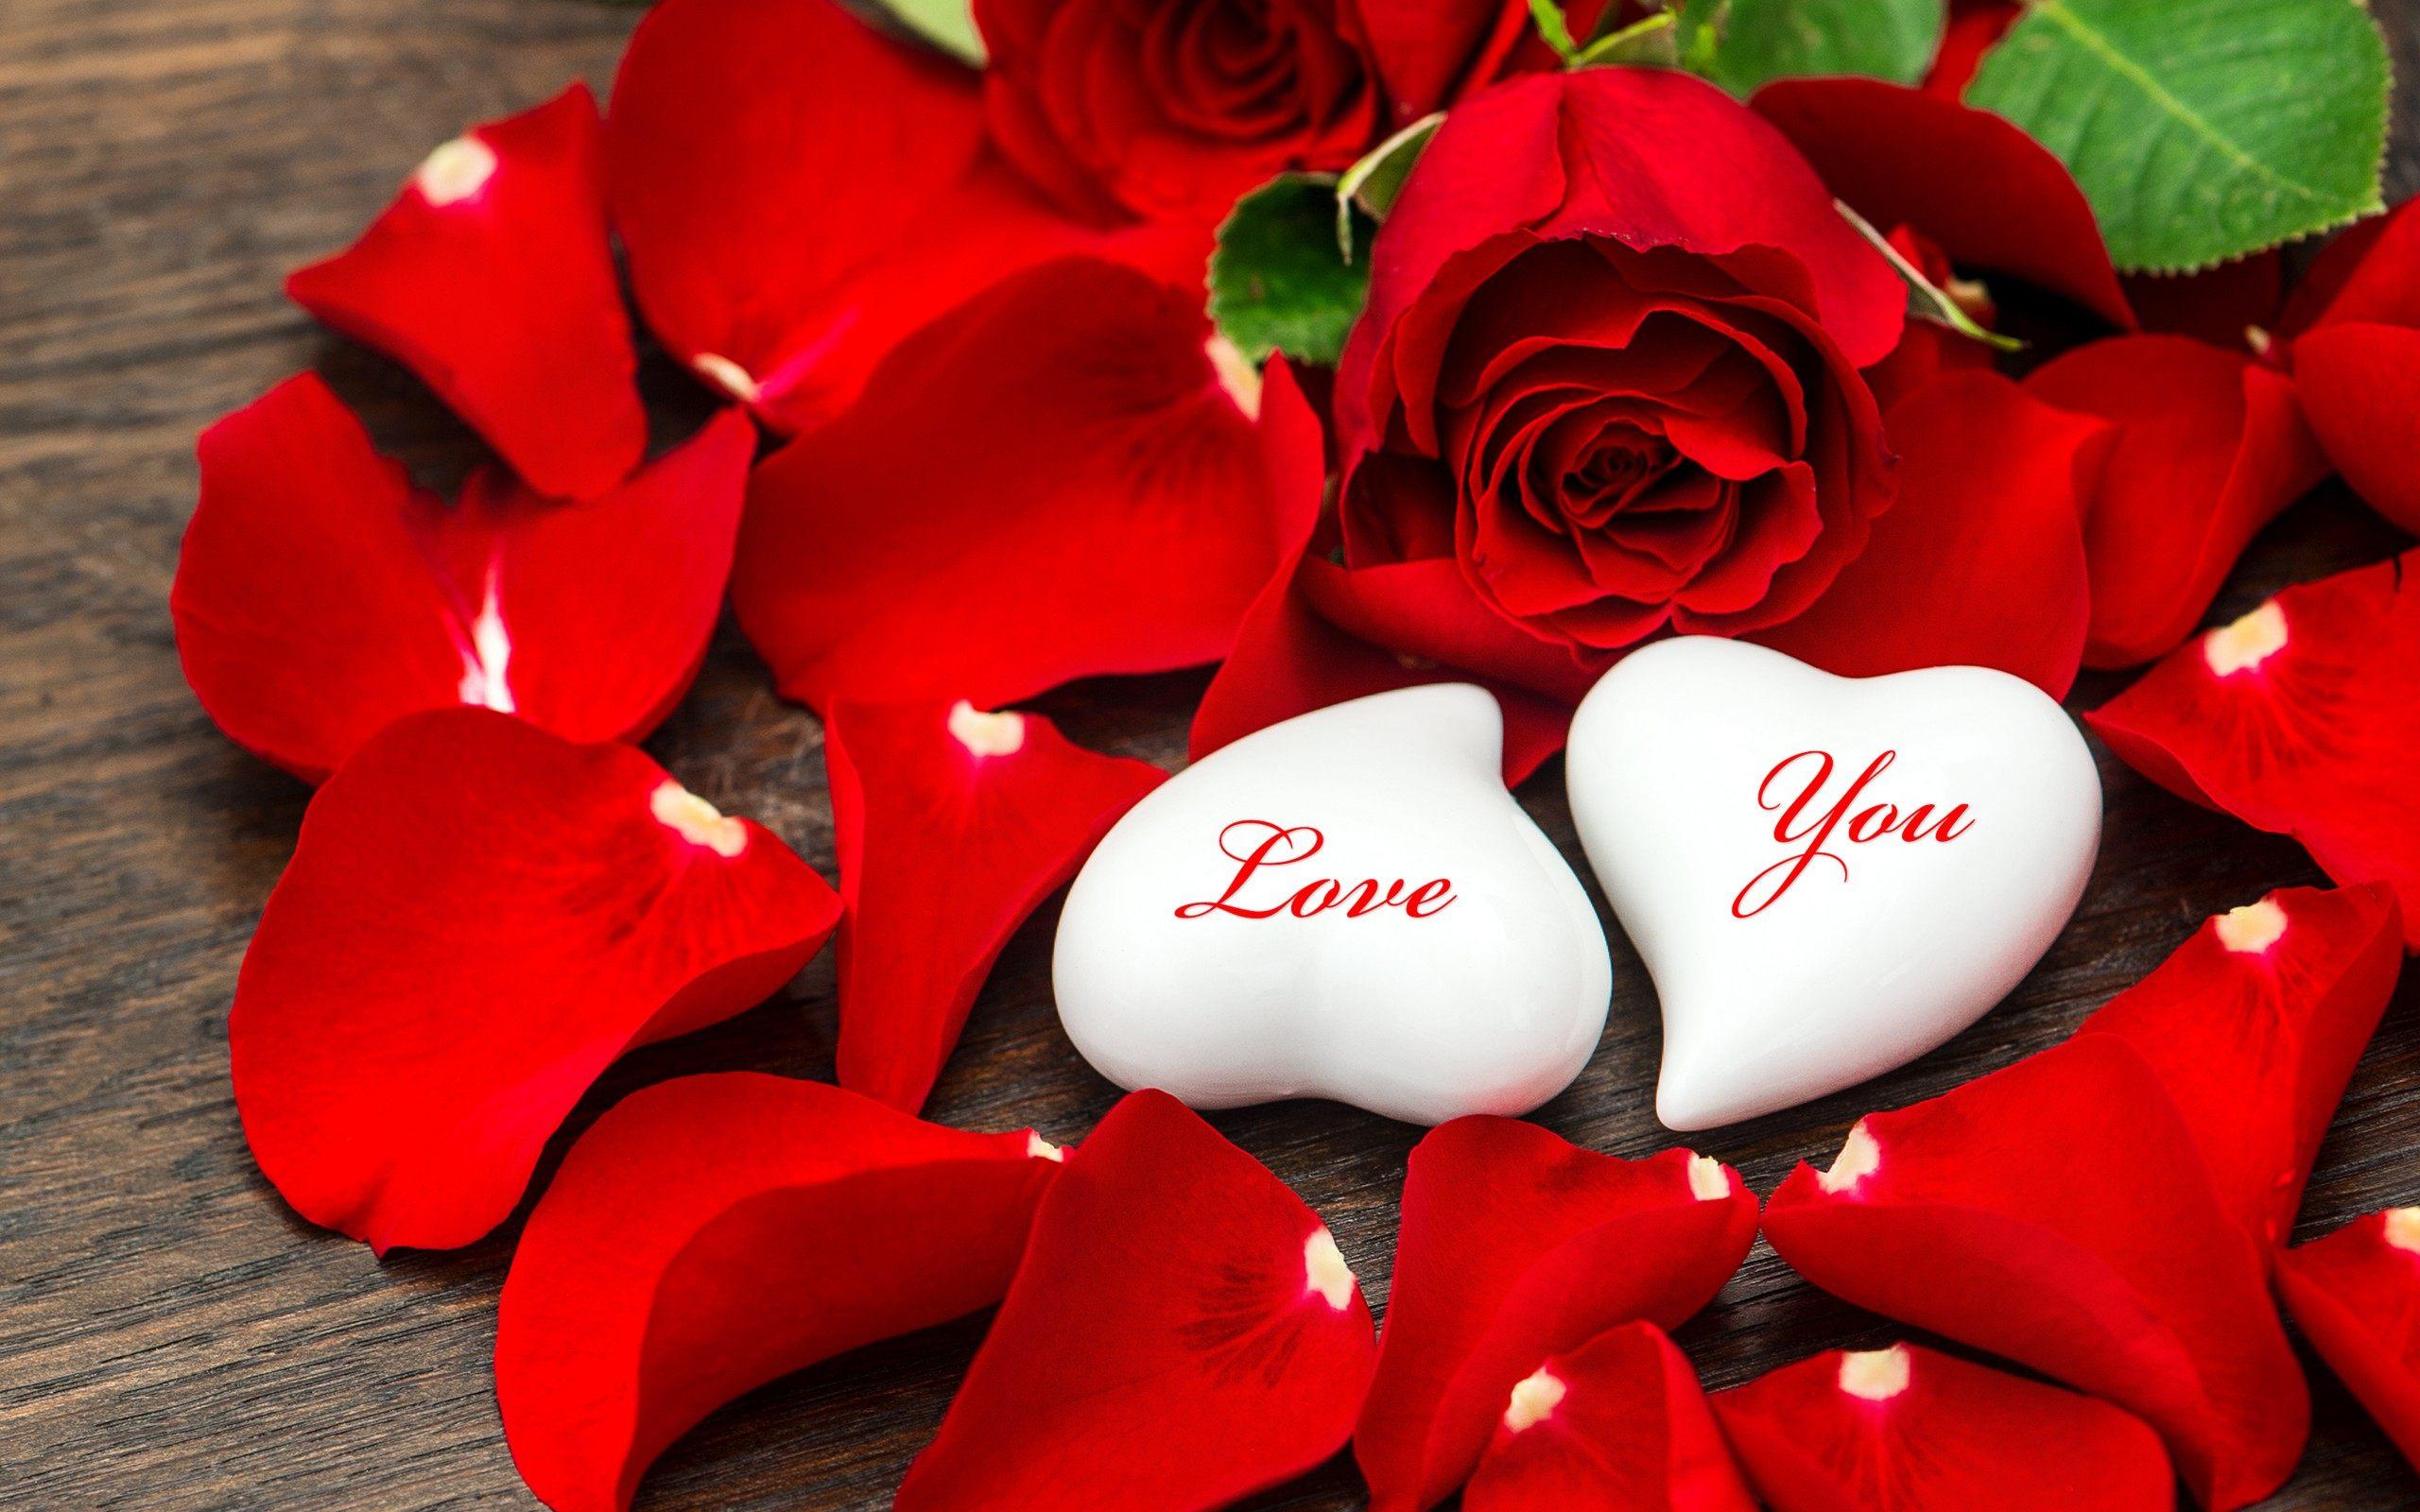 بالصور رسائل بحبك , تعرف على المليح فى الحب 1508 5